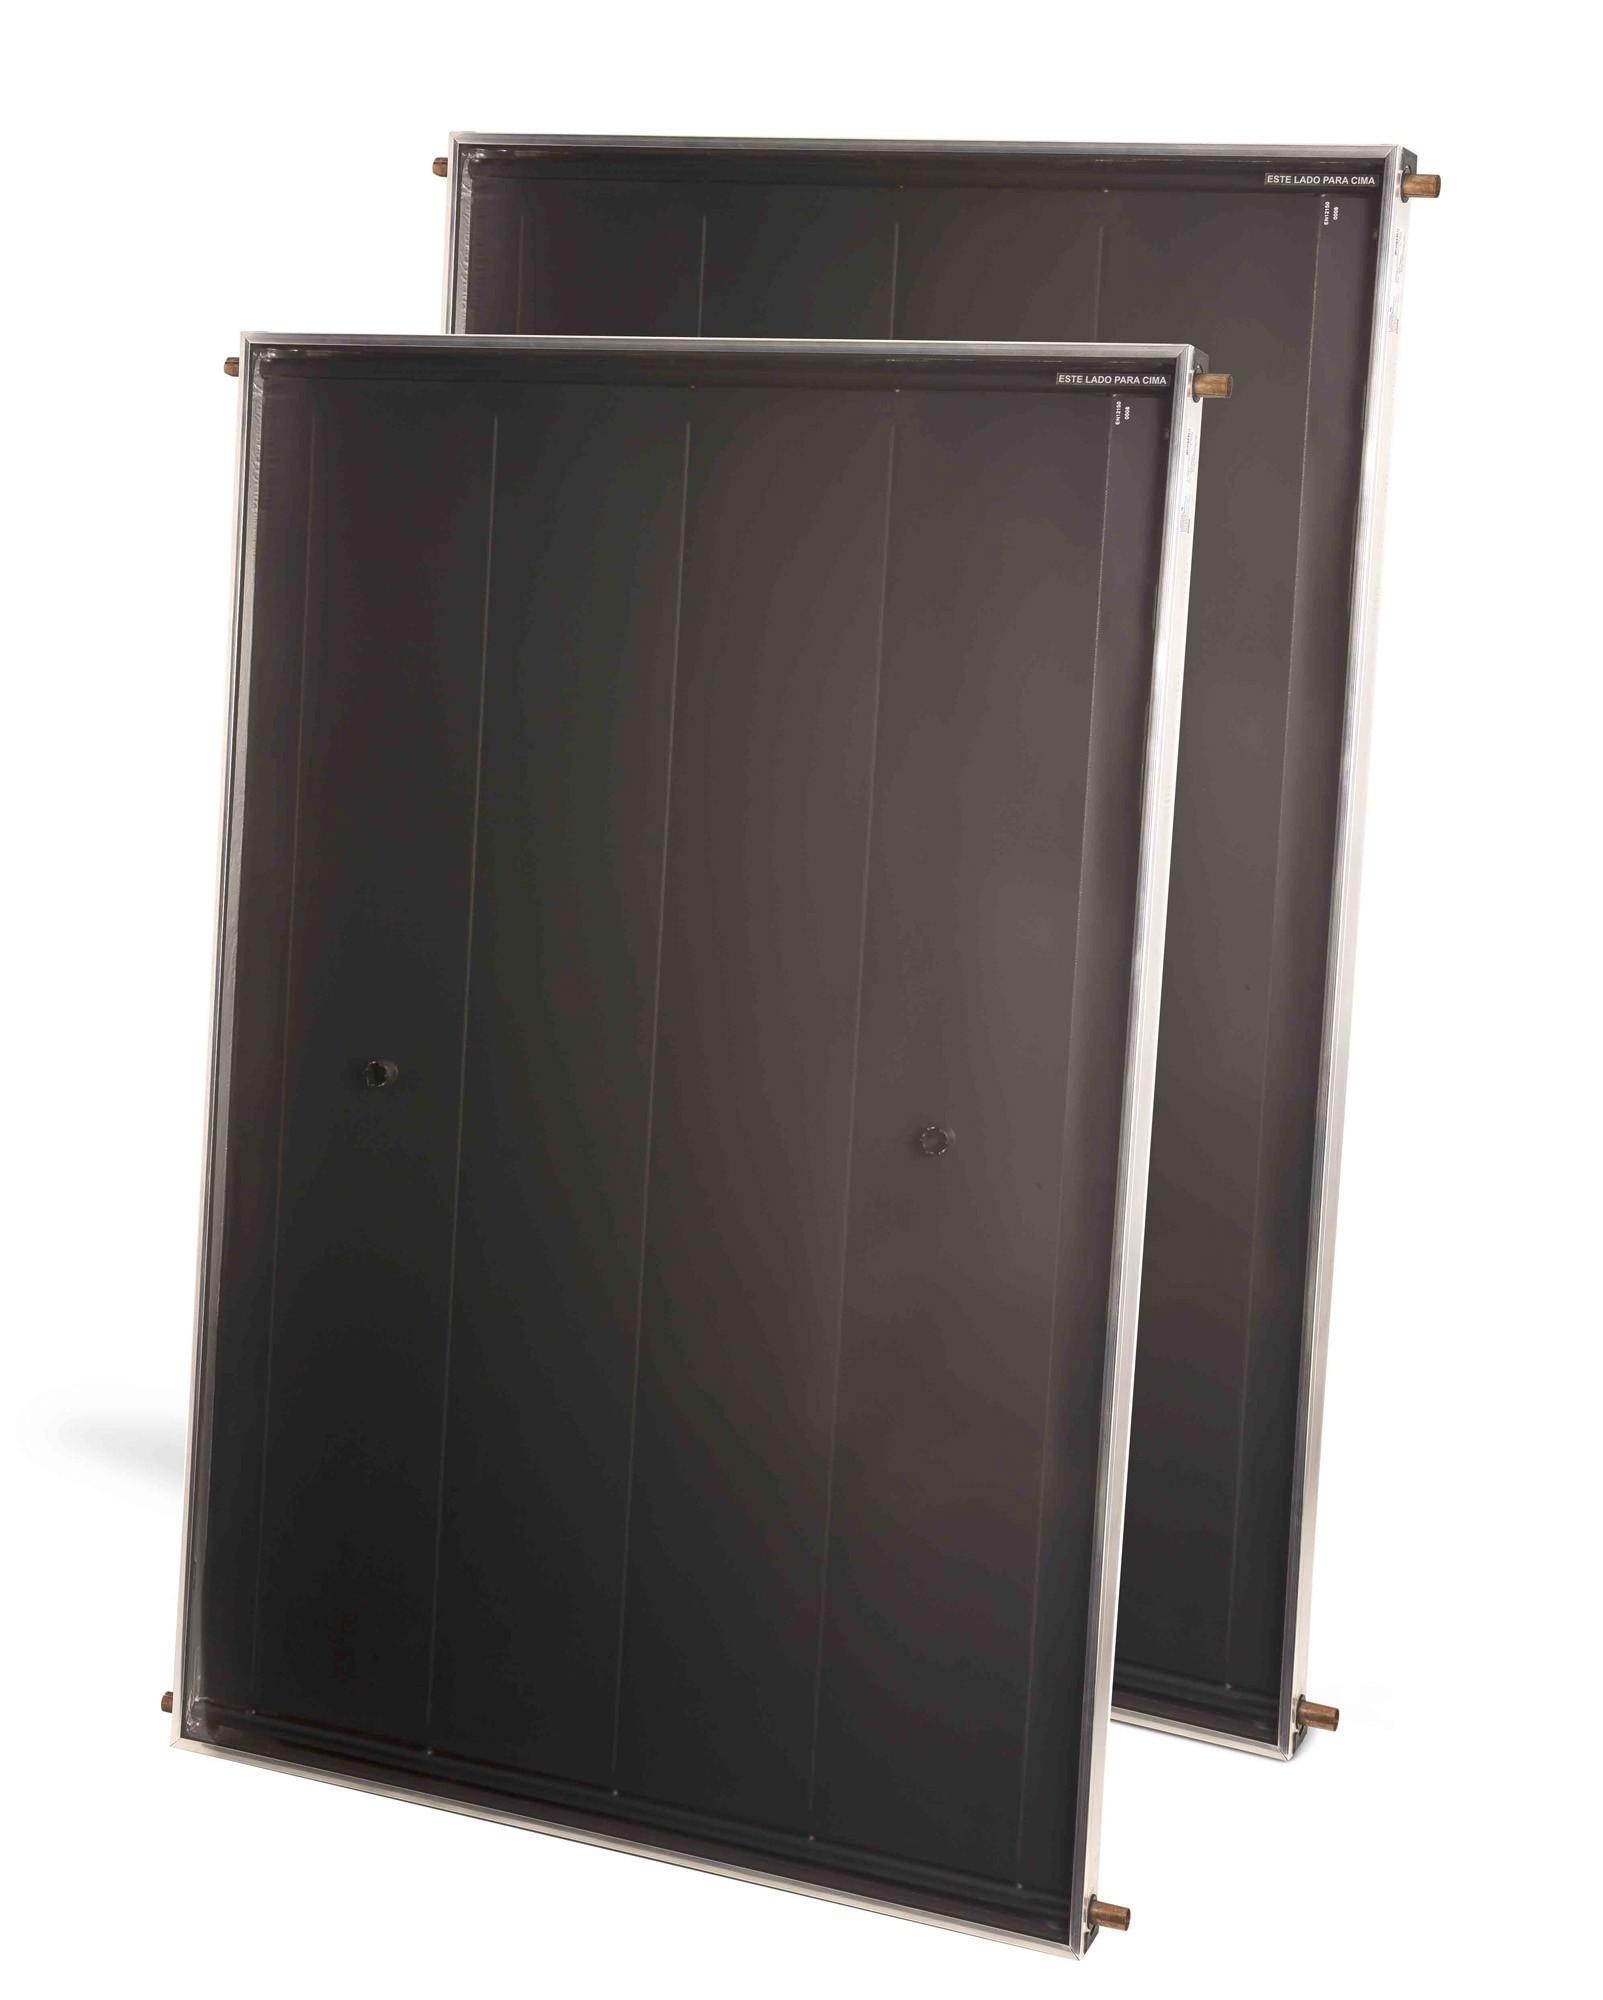 Coletor Solar MC2000 Heliotek (Bosch) TF15 - 2 unidades